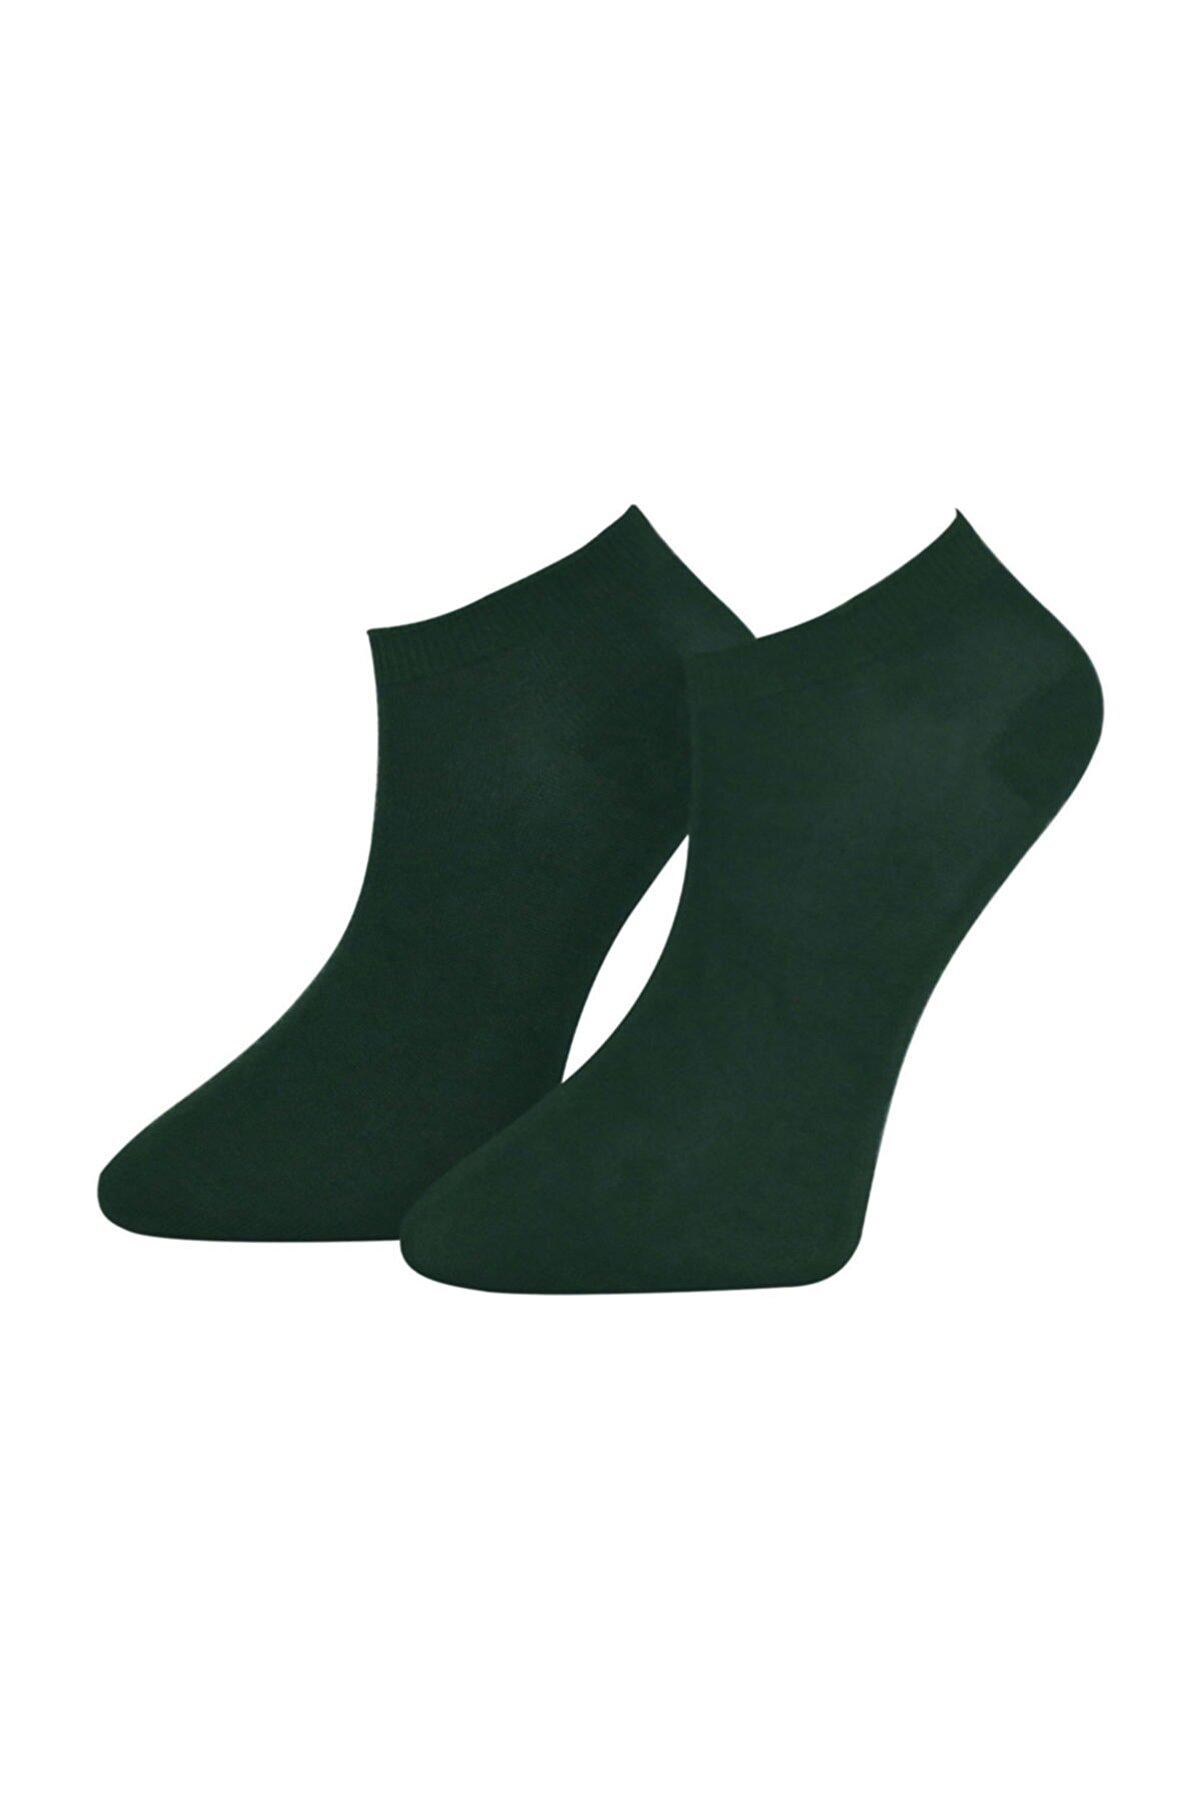 ADABELLA Kadın Yeşil Bambu Dikişsiz Soket Kısa Çorap 12 Çift